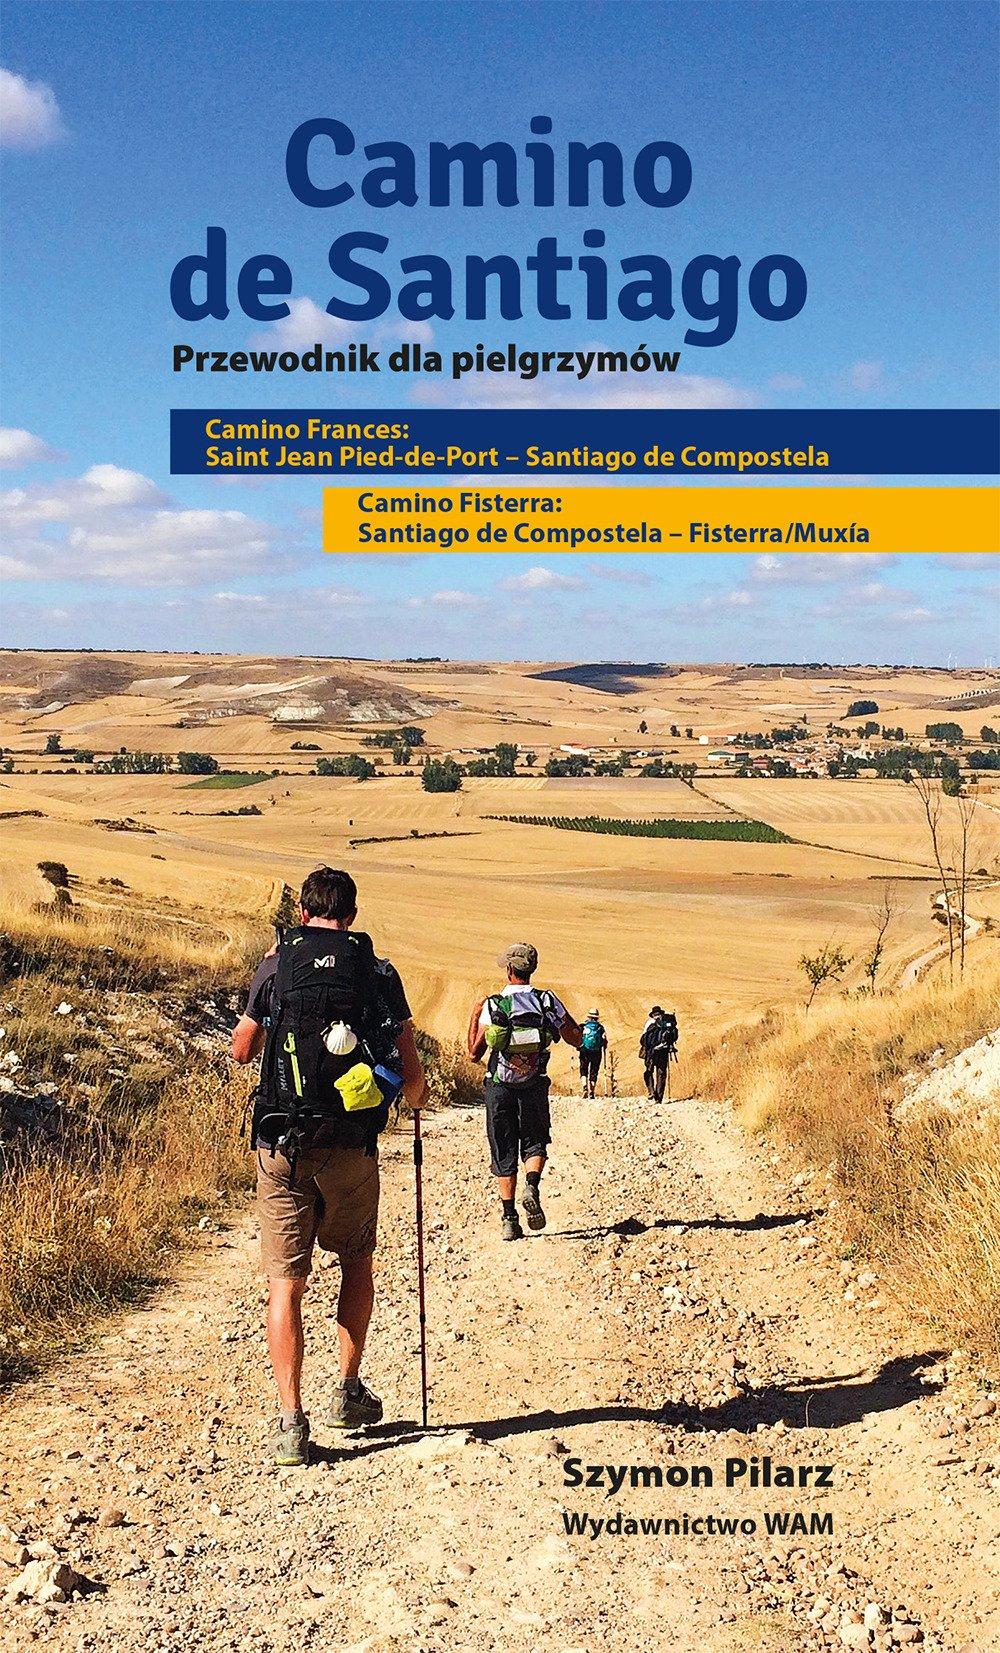 Camino de Santiago. Przewodnik dla pielgrzymów: Szymon Pilarz: 9788327715753: Amazon.com: Books